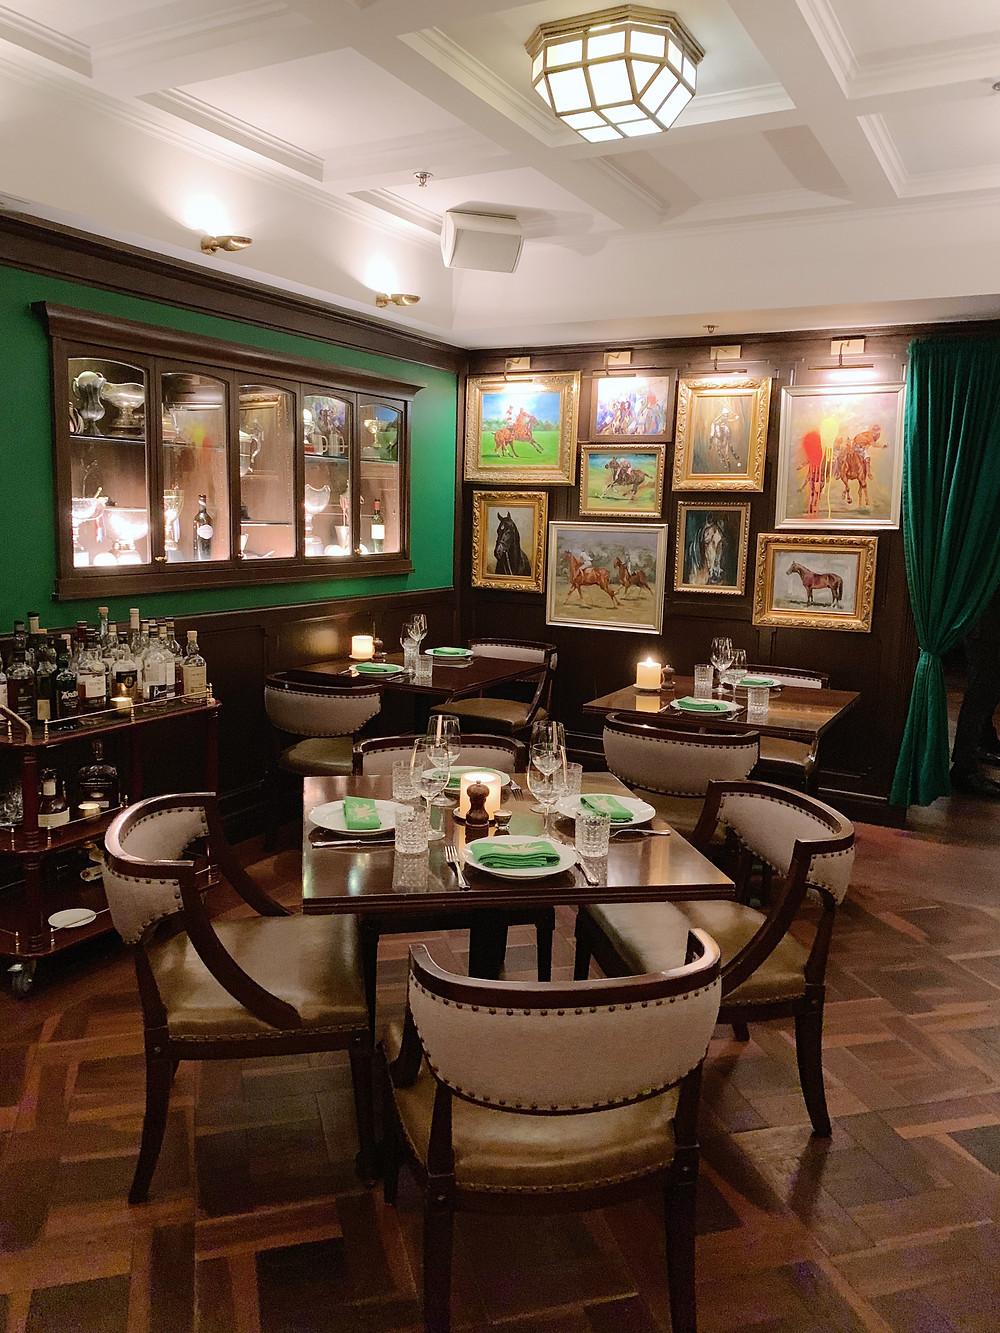 Interiors at Buenos Aires Polo Club in Hong Kong